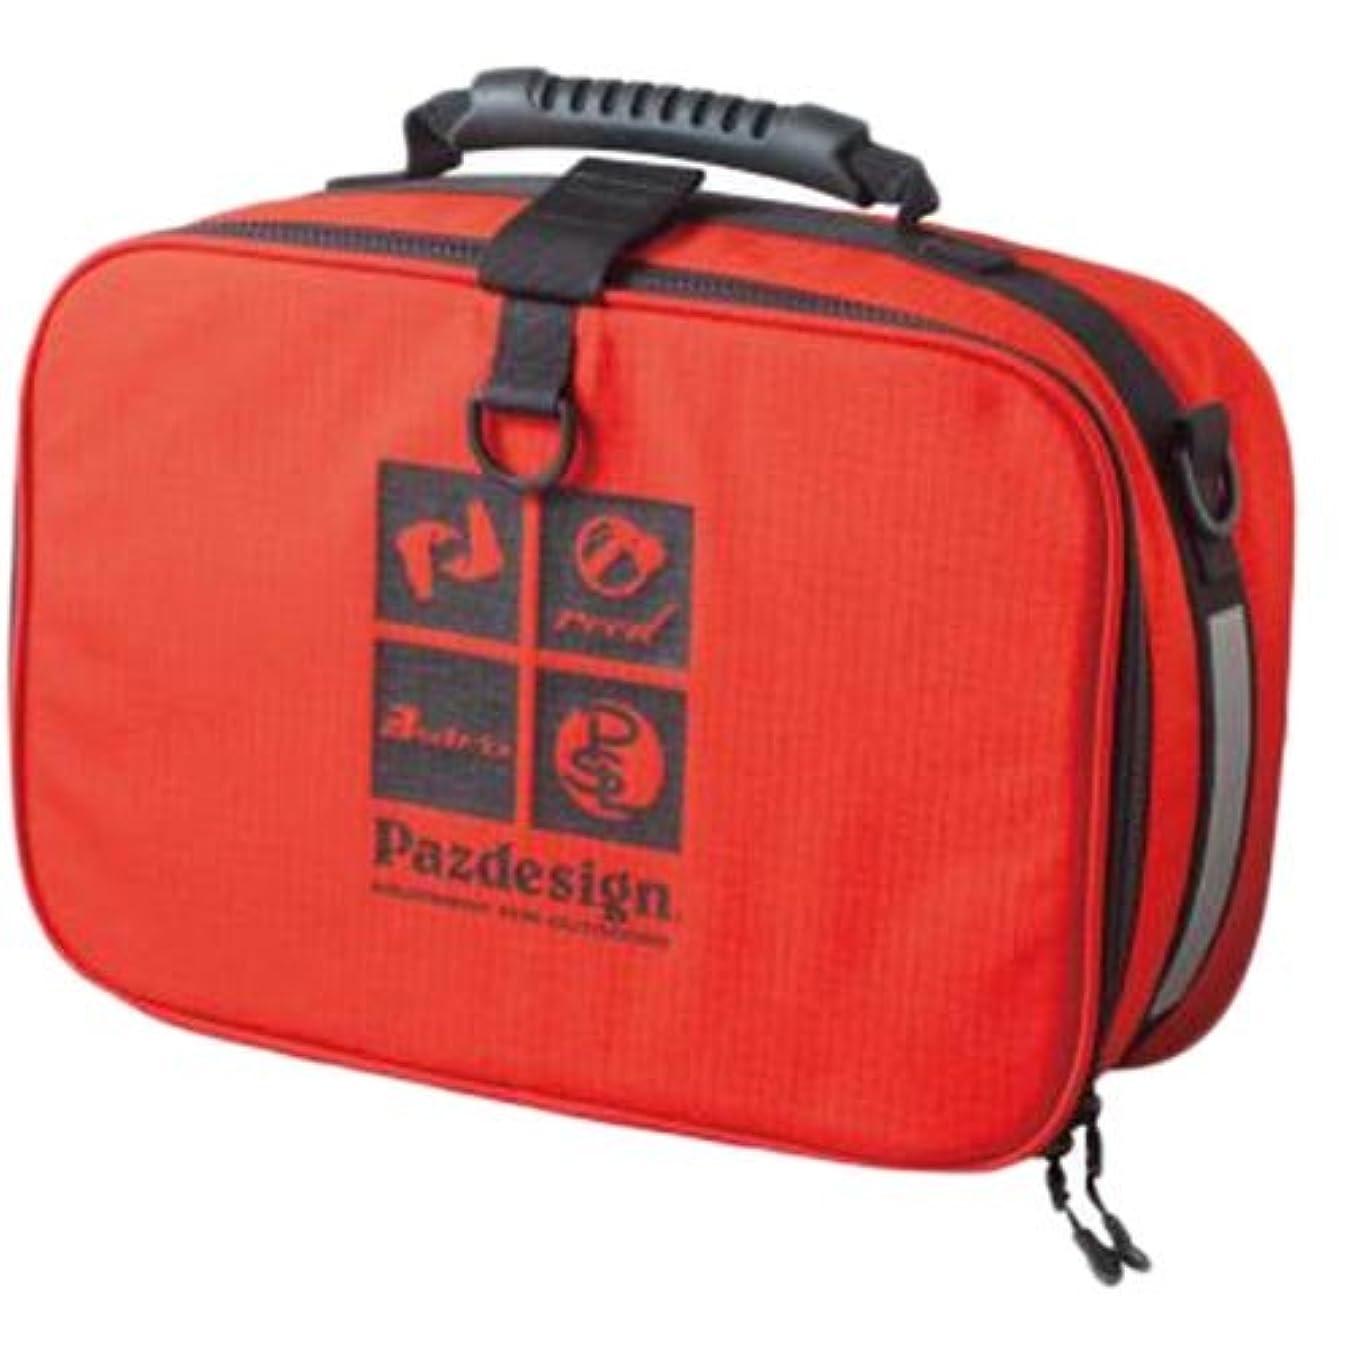 ワイドバンアライメントパズデザイン 渓流バッグ システムボックス III PAC-256 バレンシア M